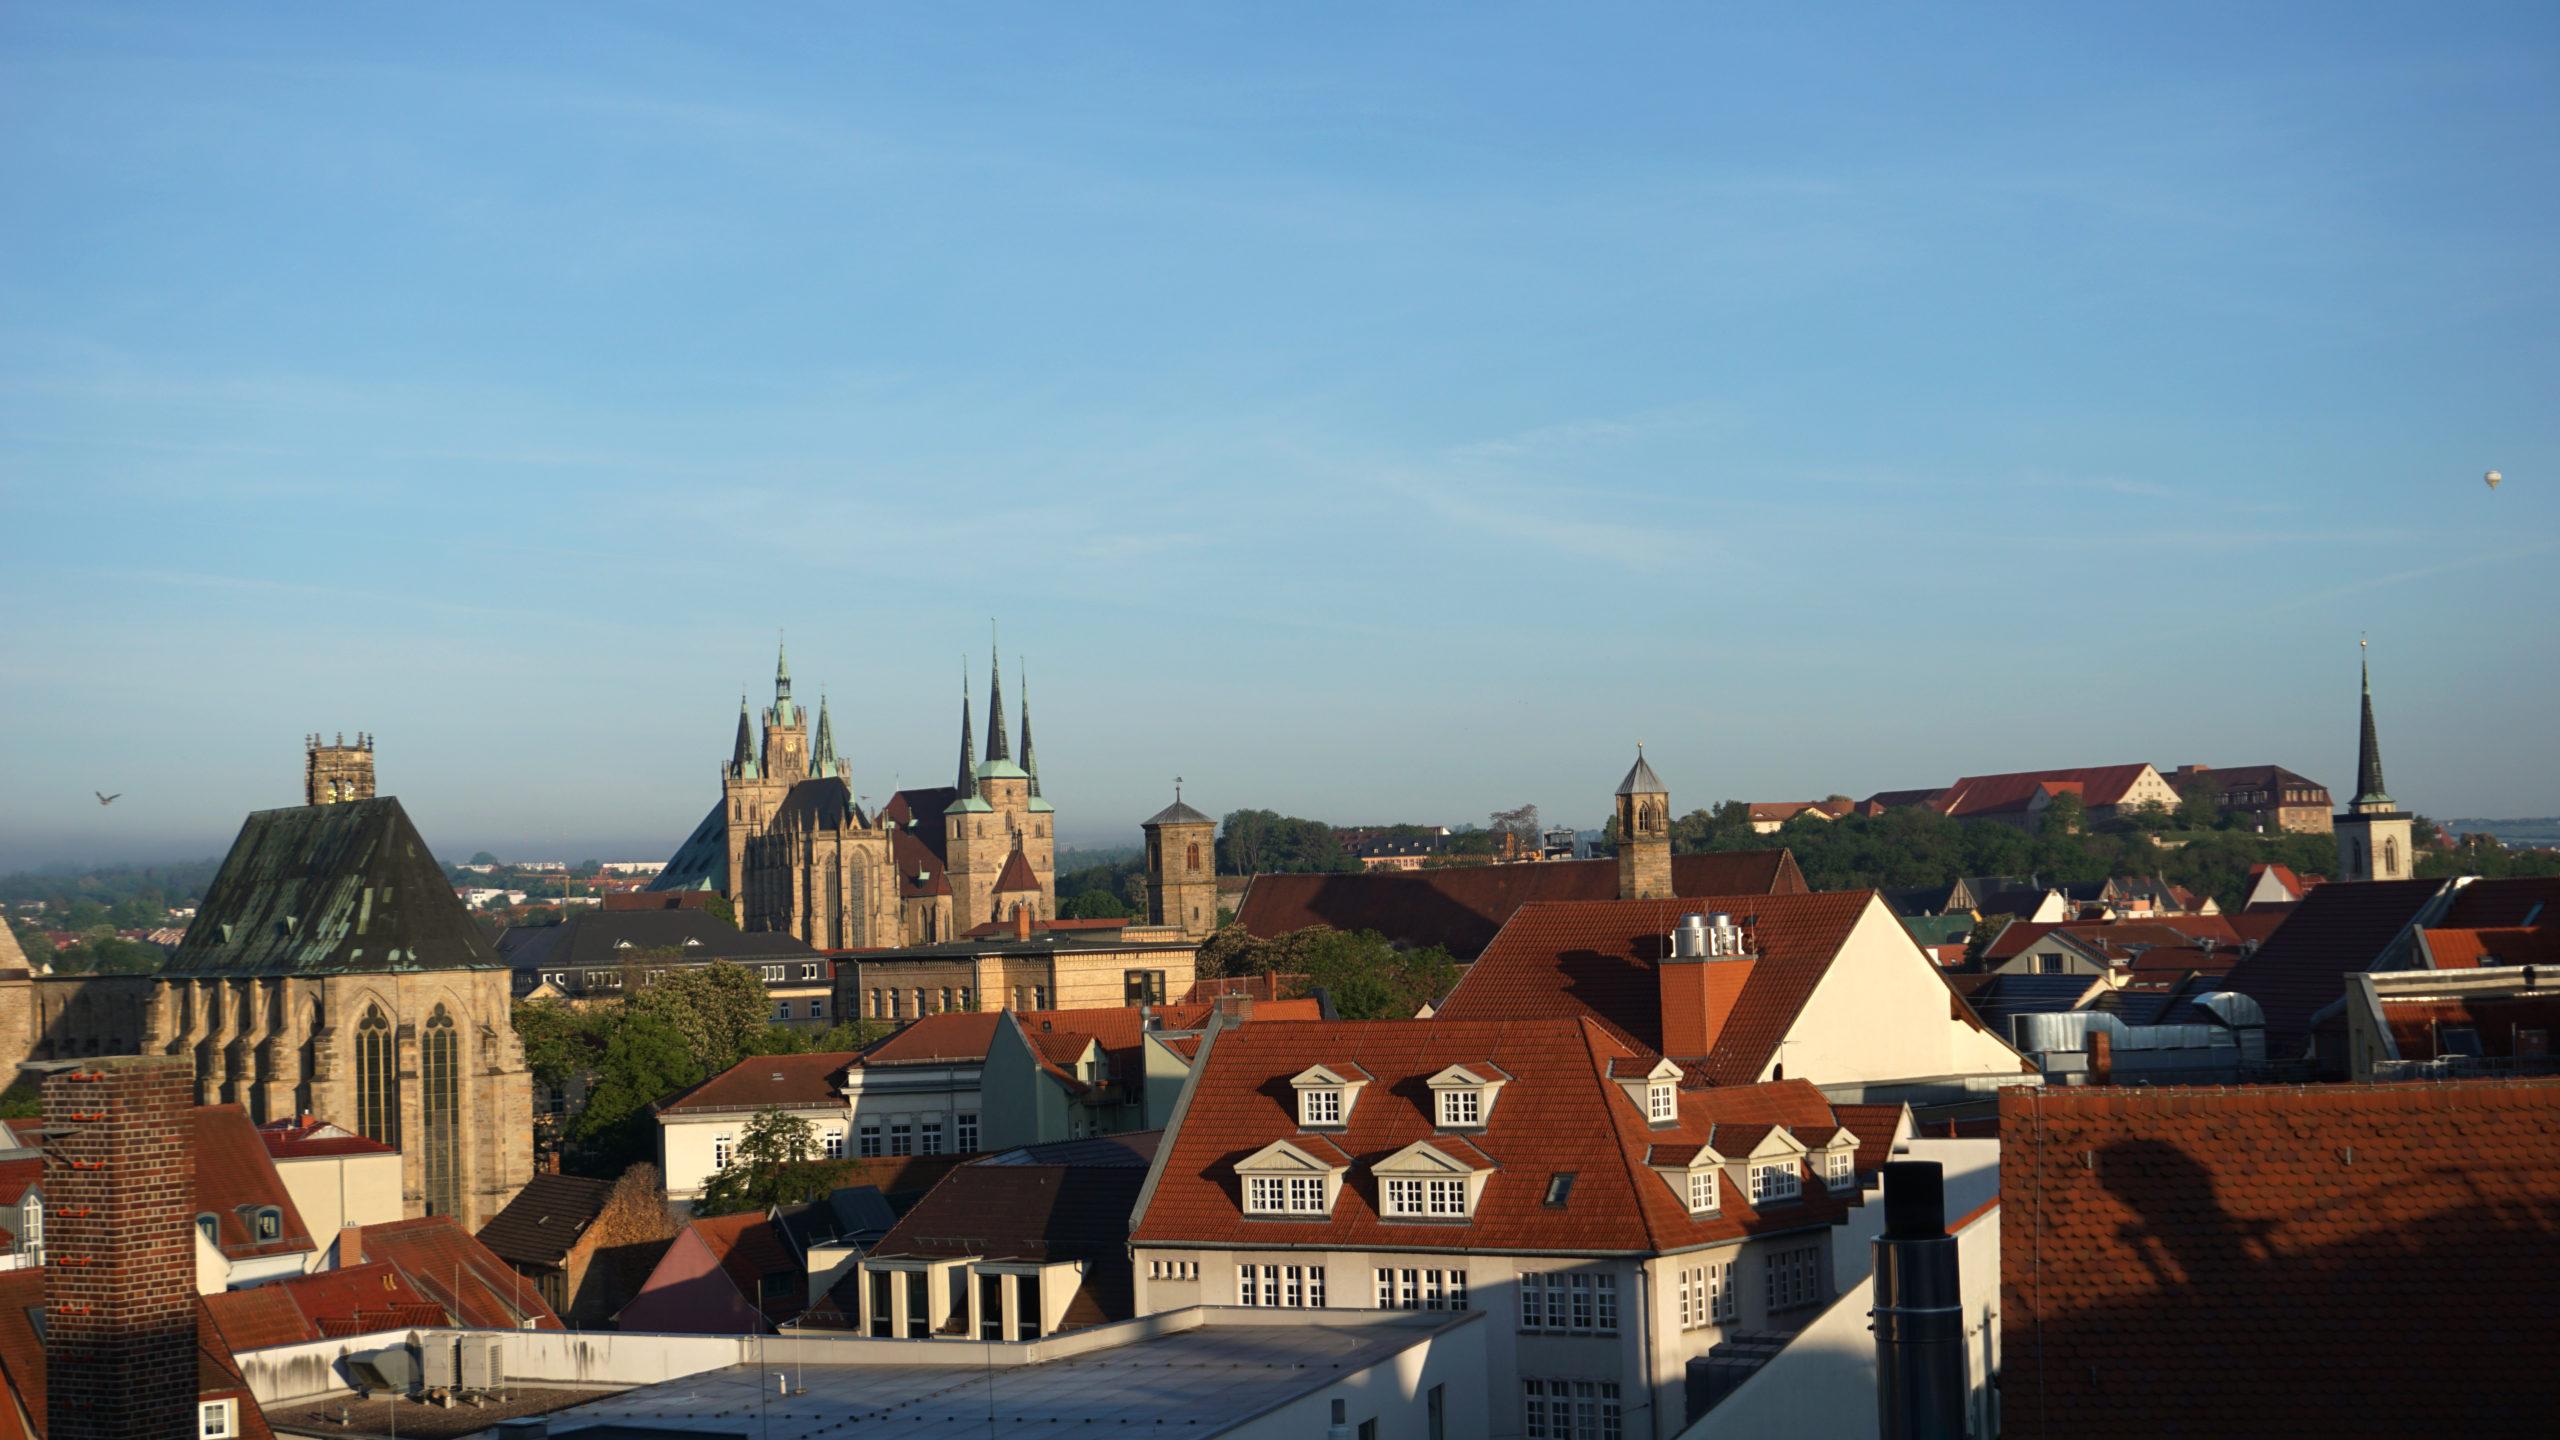 Mein schönstes Erfurt-Bild